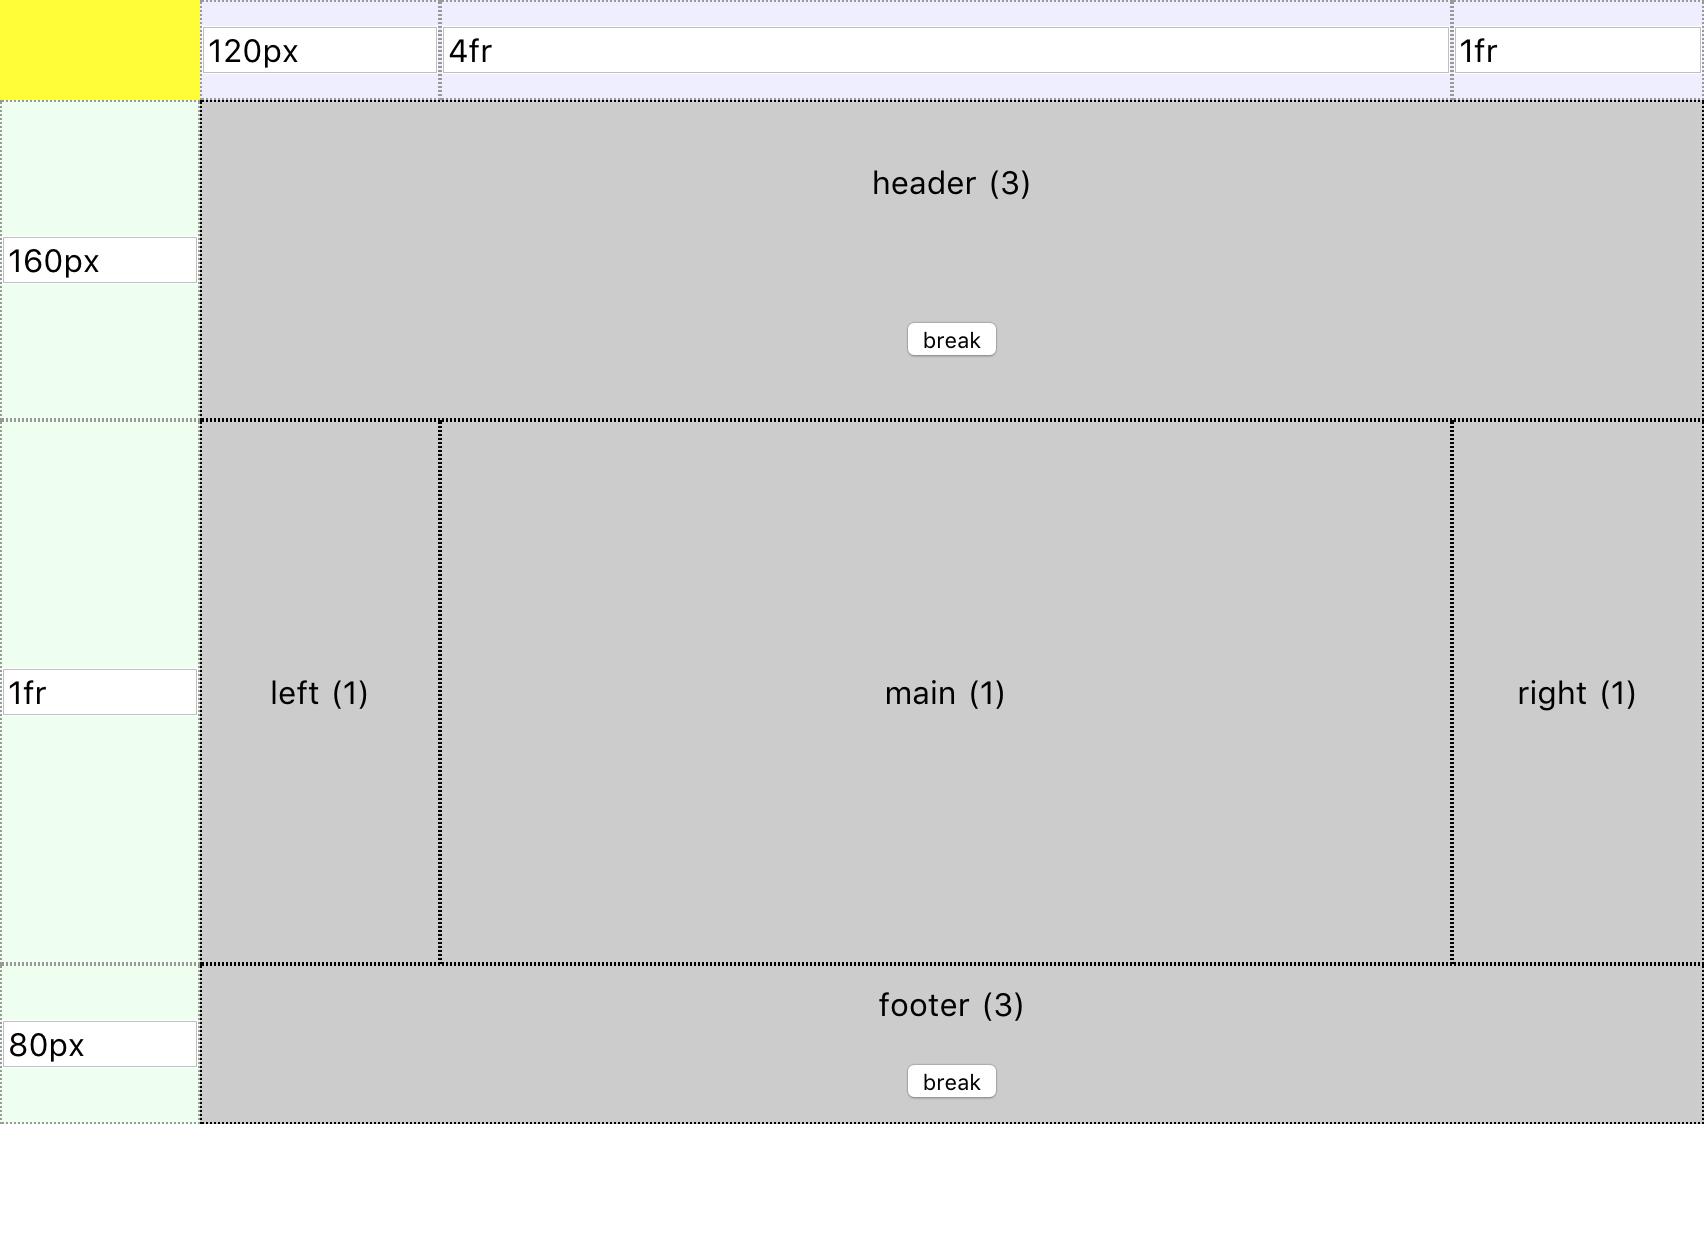 5a4db85a8198761062a12796--vue-grid-generator.netlify.com_ (1).png